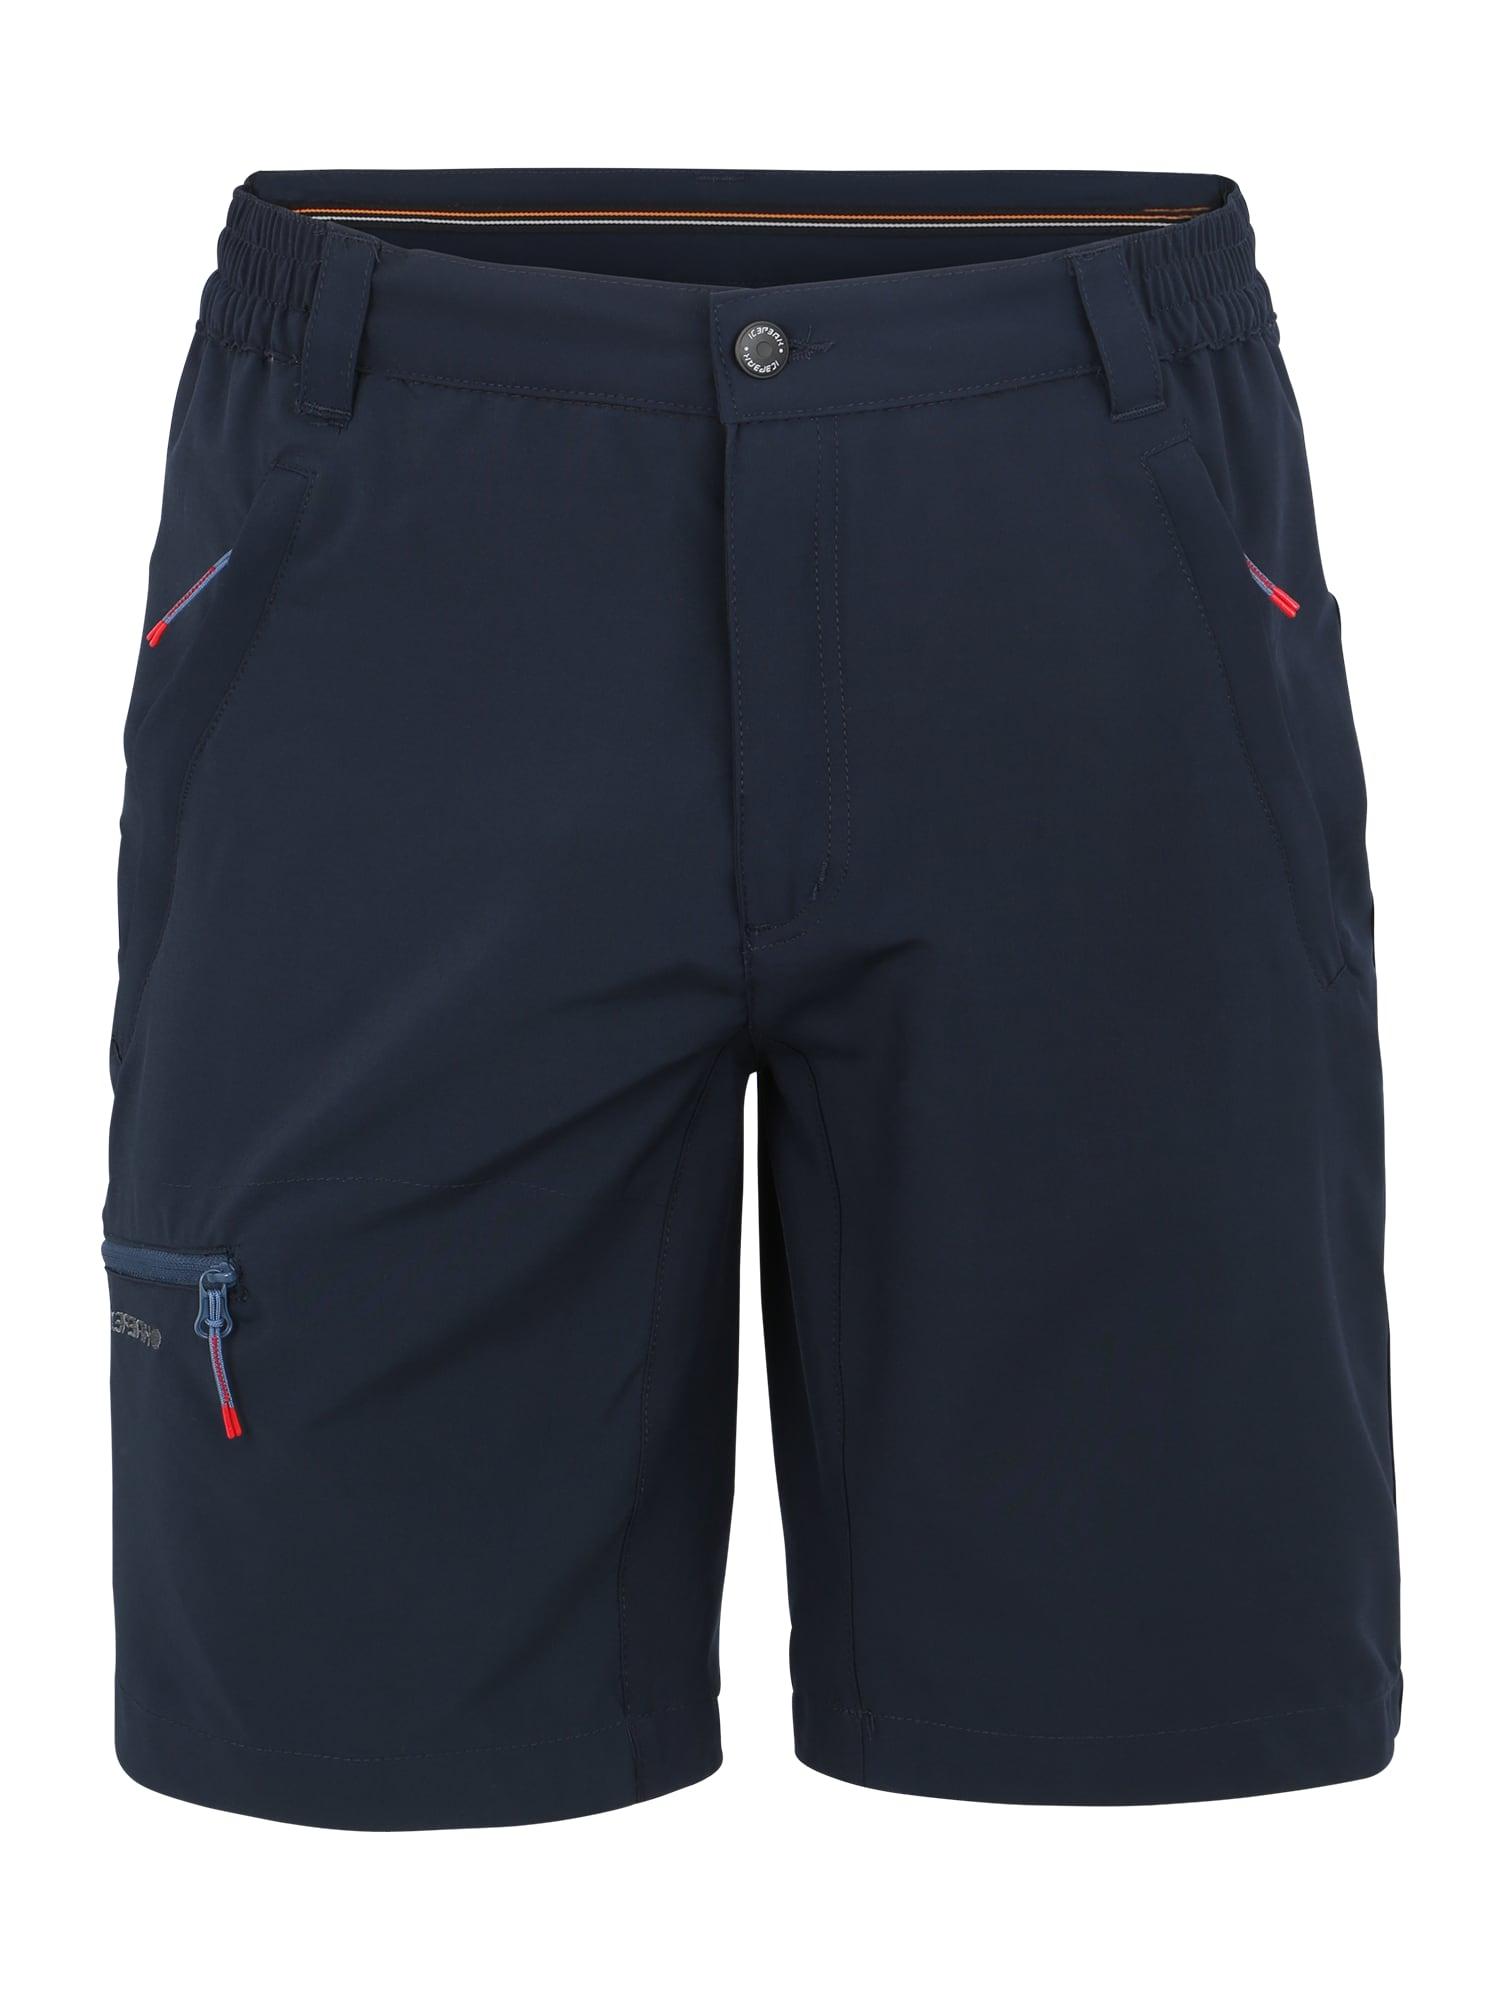 Sportovní kalhoty MEDWIN námořnická modř ICEPEAK